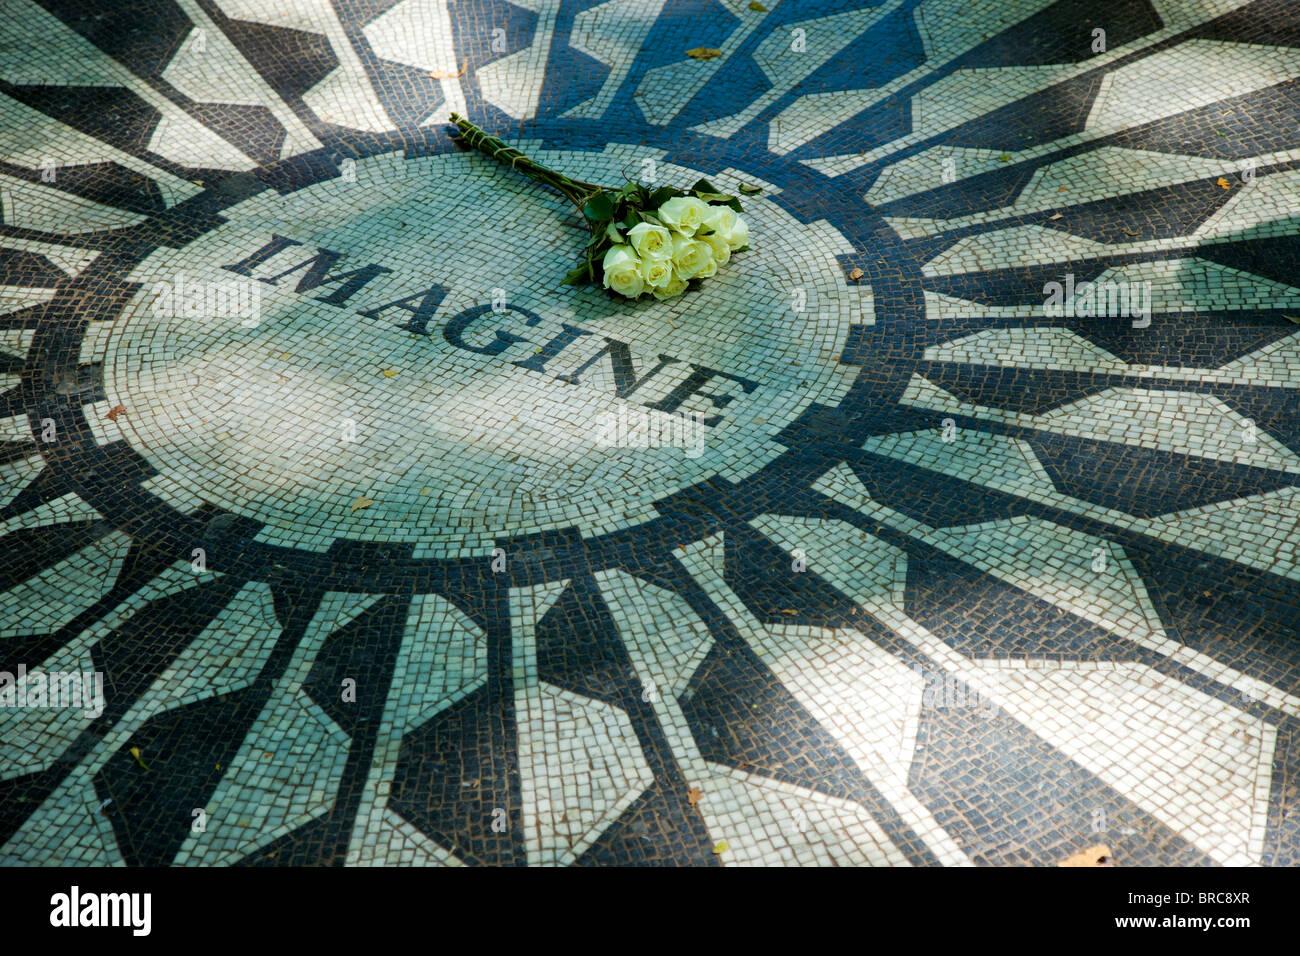 http://c8.alamy.com/comp/BRC8XR/white-roses-placed-on-imagine-the-john-lennon-memorial-mosaic-in-strawberry-BRC8XR.jpg